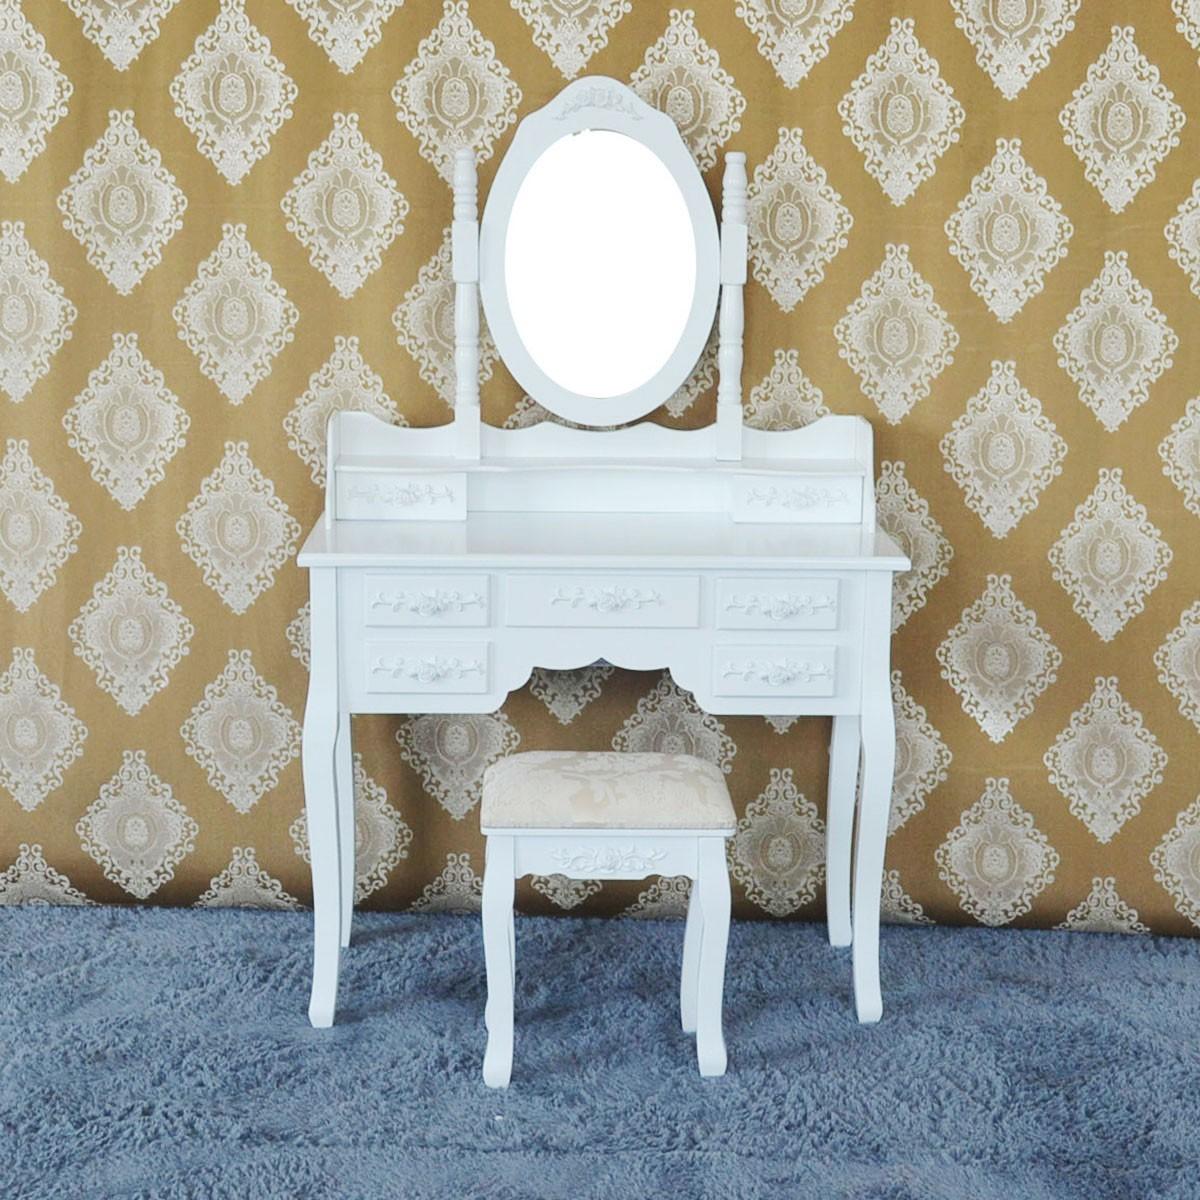 Bedroom makeup vanity set with mirror and stool ji3185 for Bedroom vanity canada